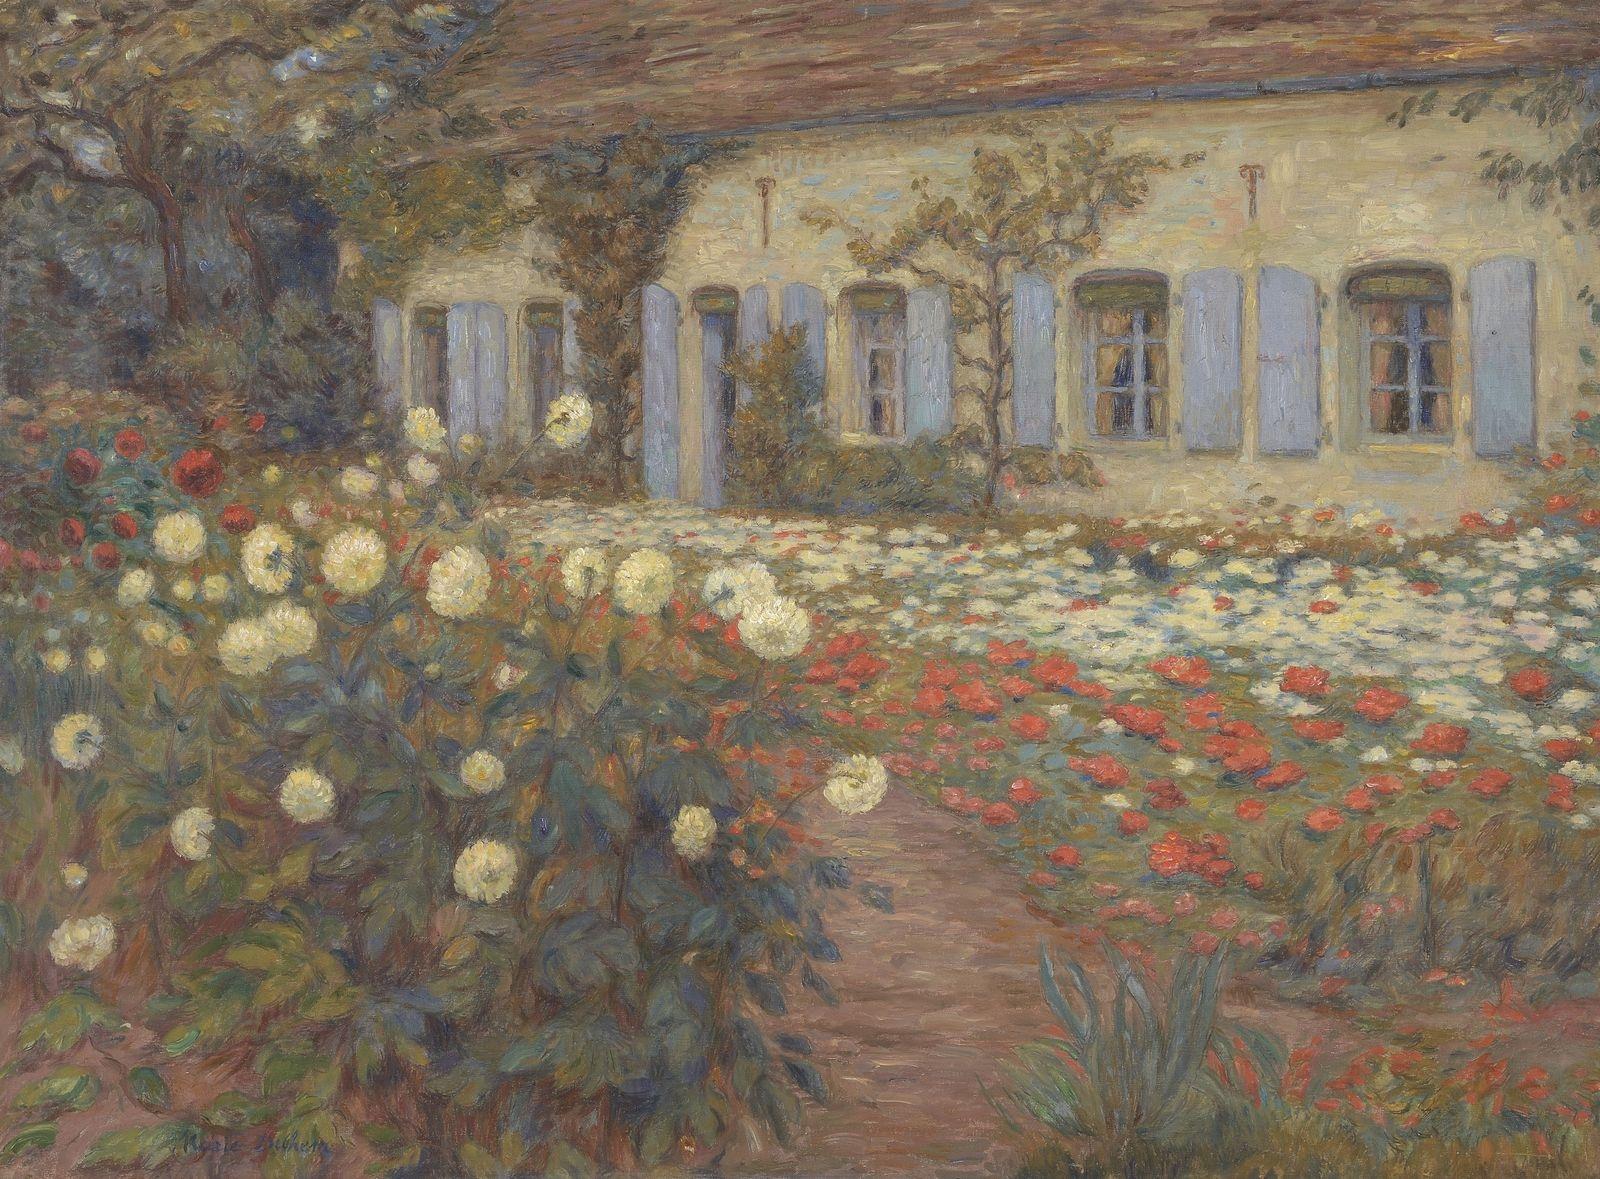 Marie Duhem, Jardin de campagne, Camiers © Musée du Touquet-Paris-Plage /Bruno Jagerschmidt